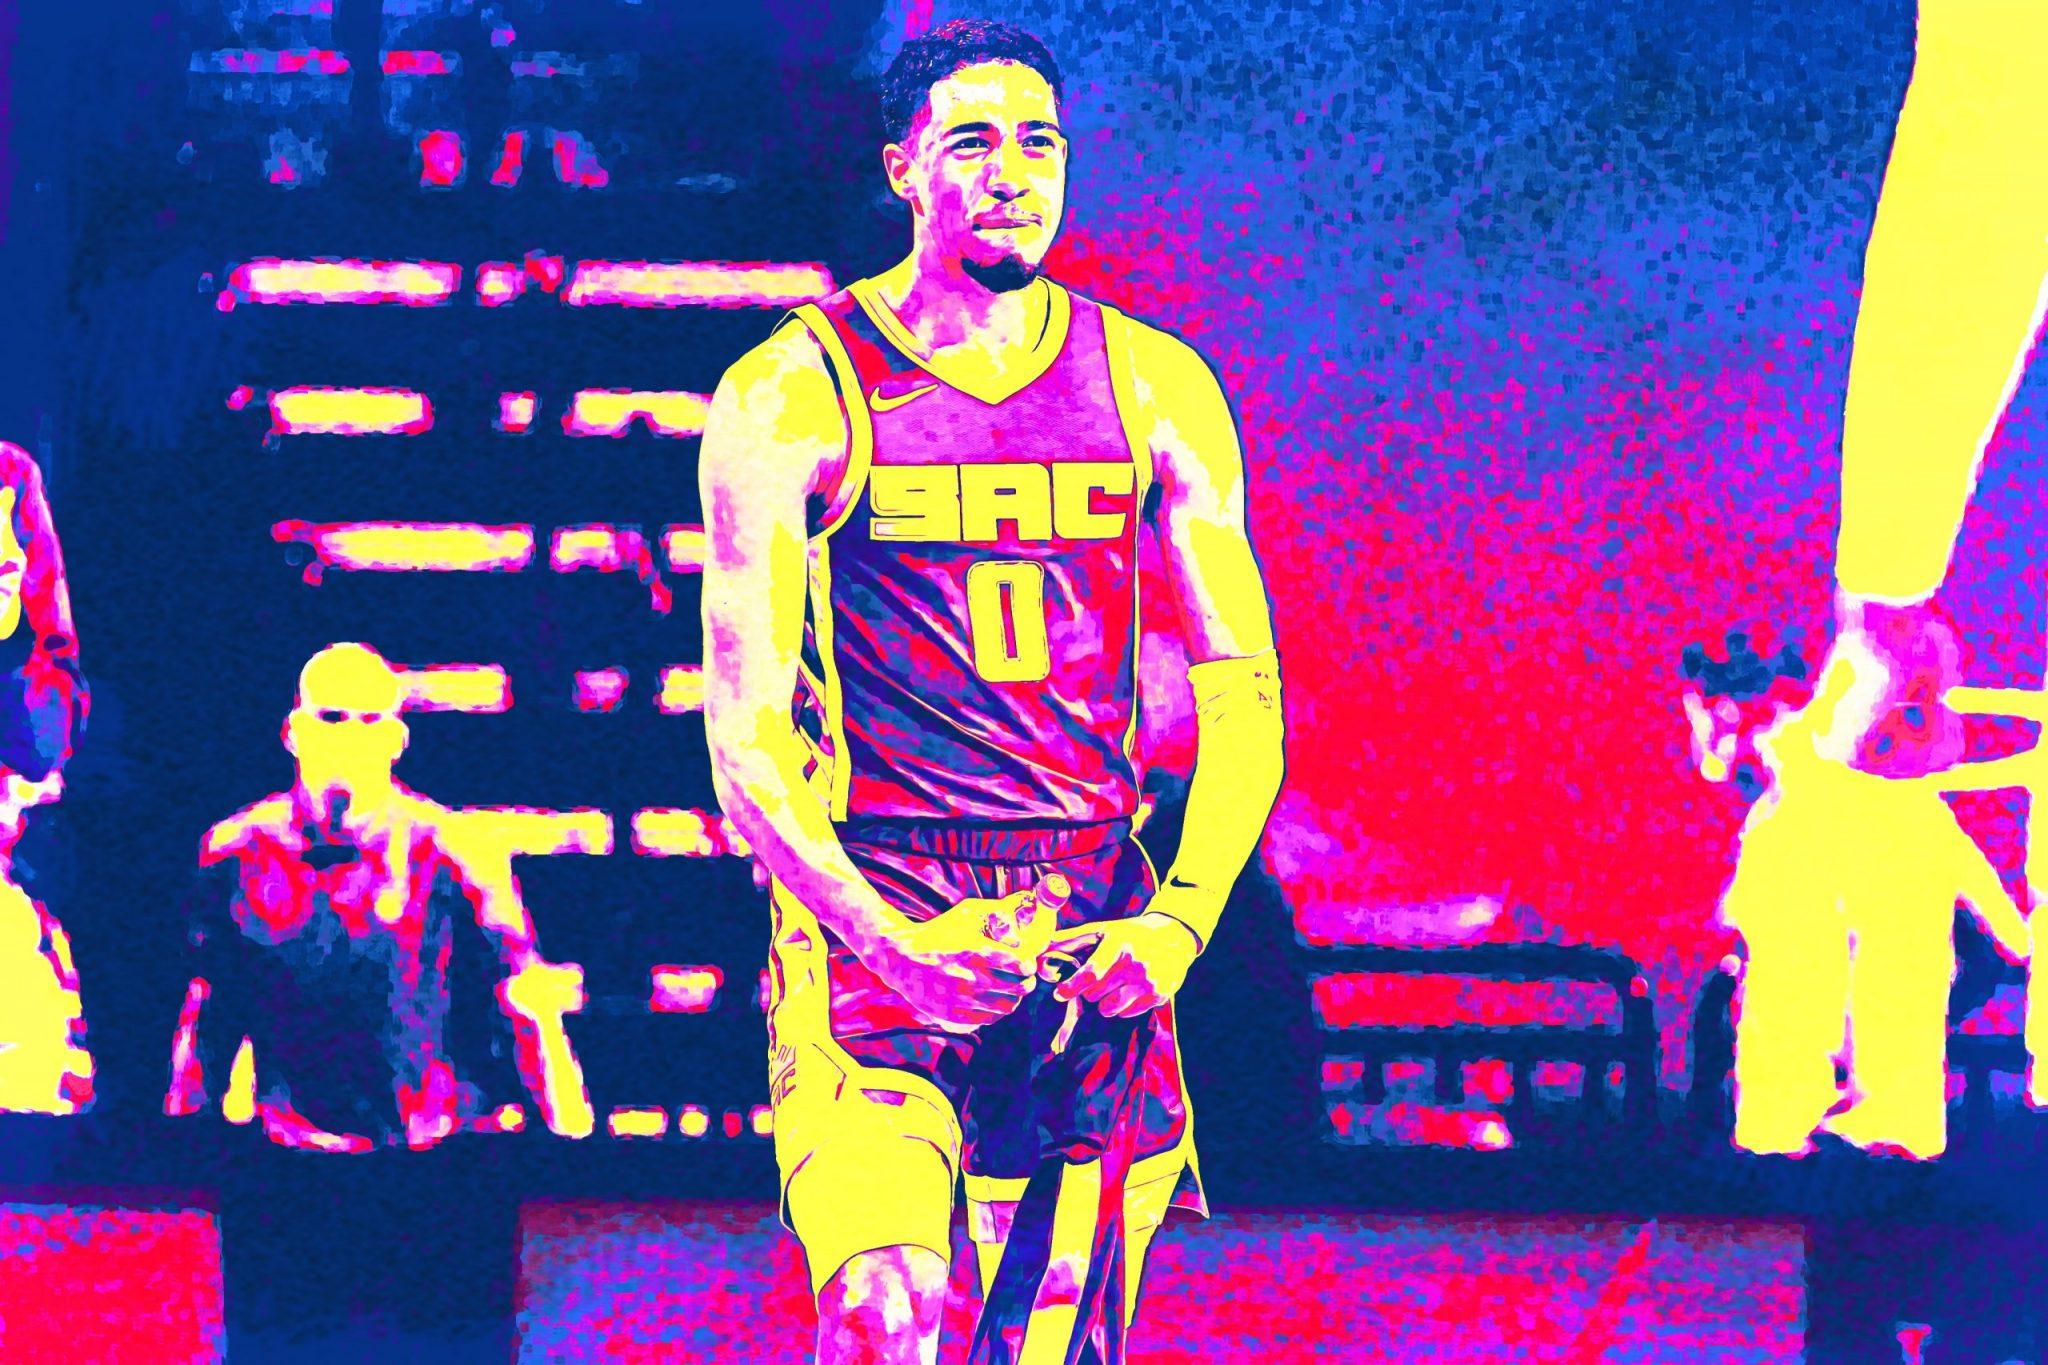 Tyrese Haliburton, el rookie que ilusiona en los Sacramento Kings. ¿Quién es?